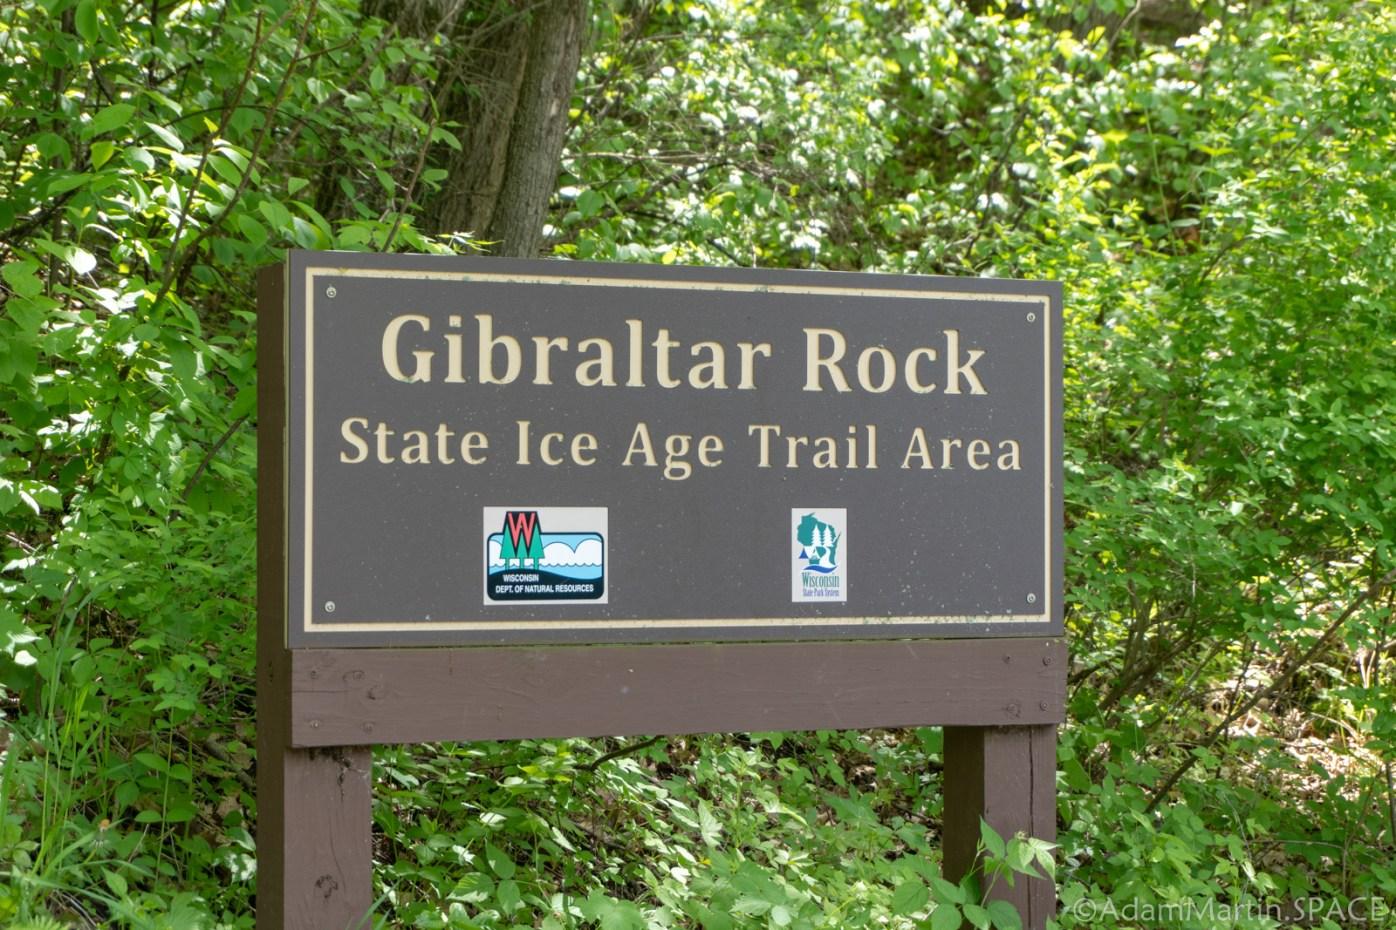 Gibraltar Rock State Natural Area - Entrance Sign